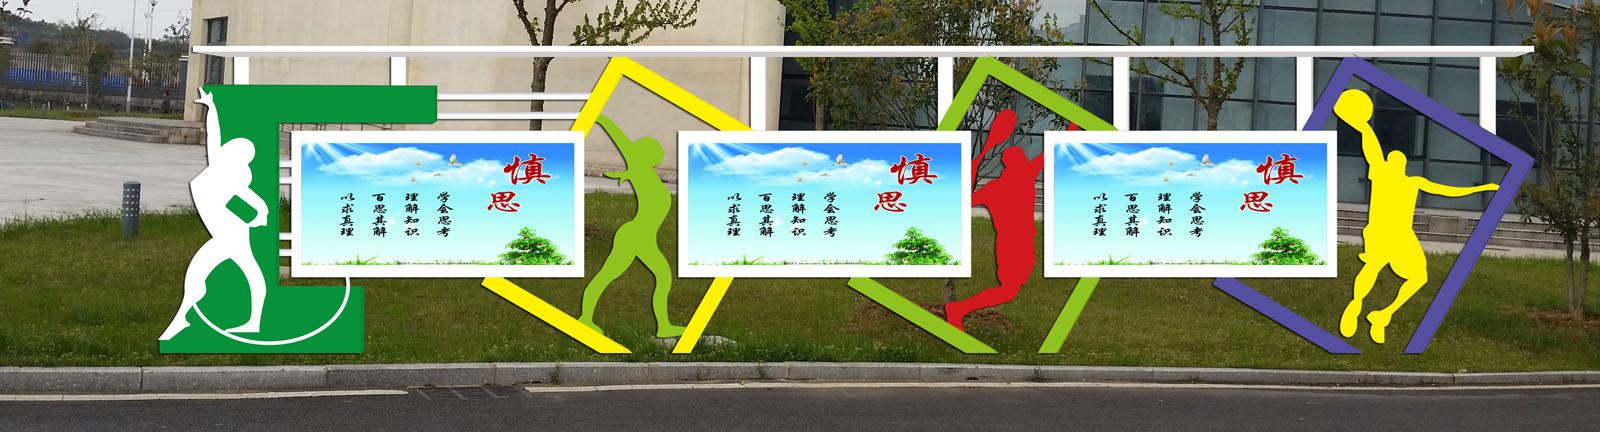 四川公交候车亭